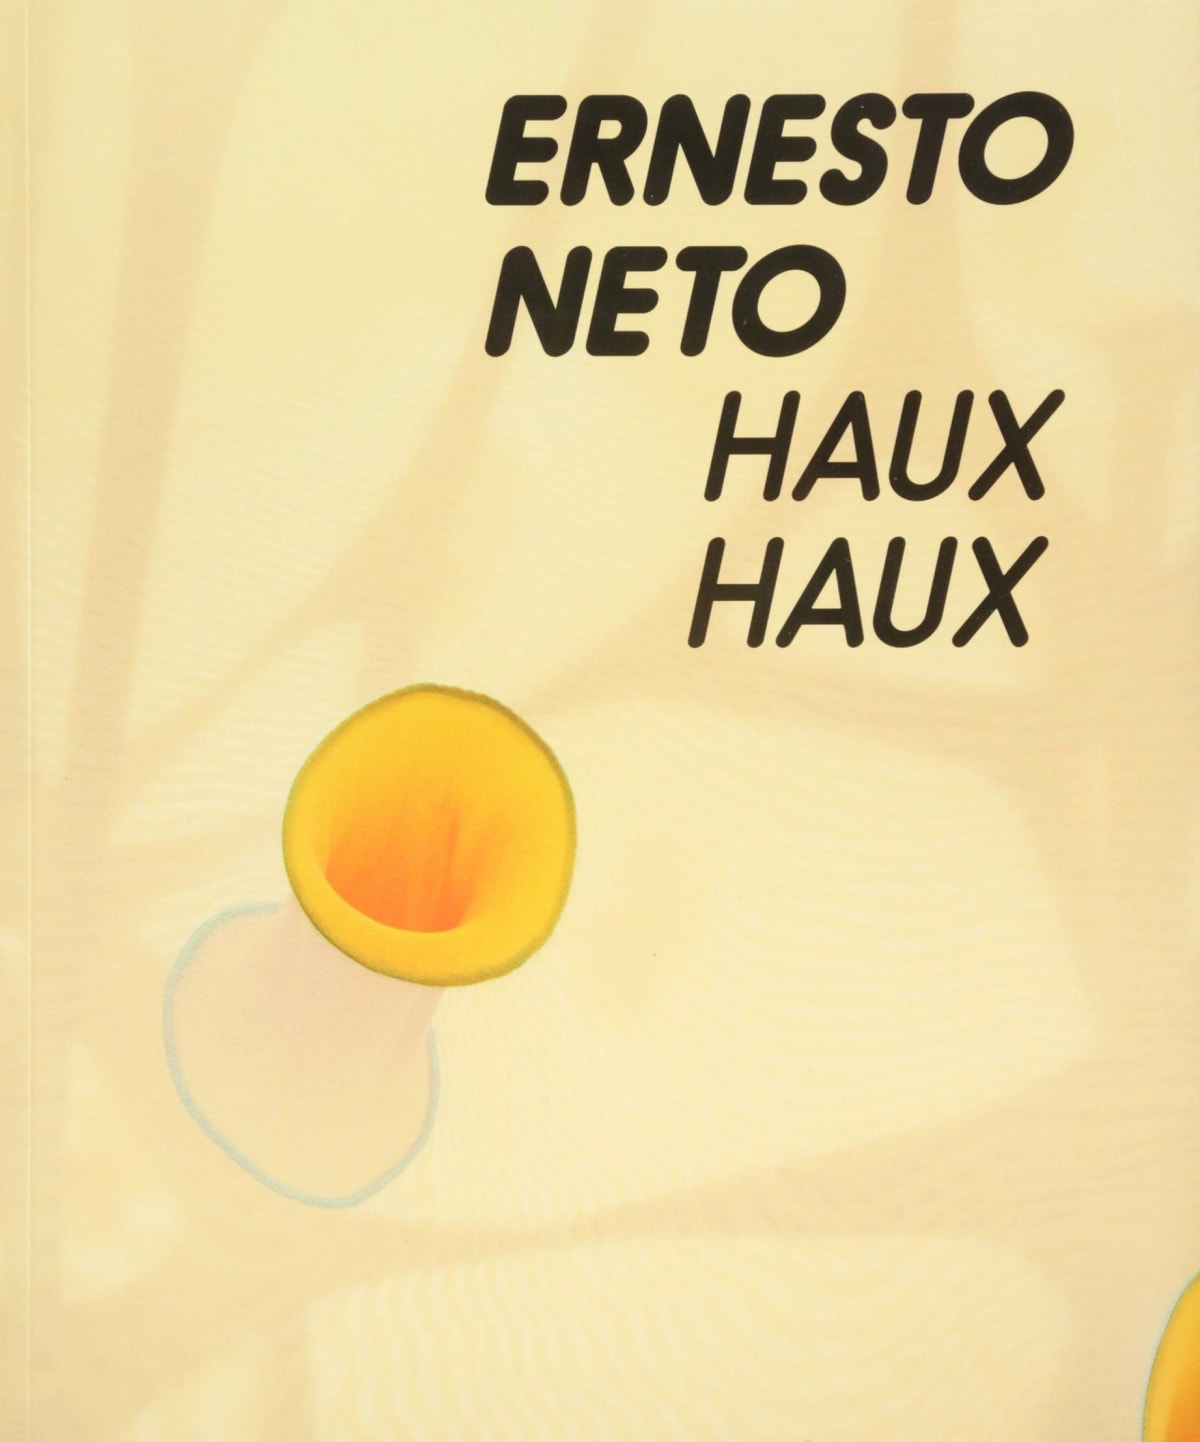 book cover of Ernesto Neto Haux Haux